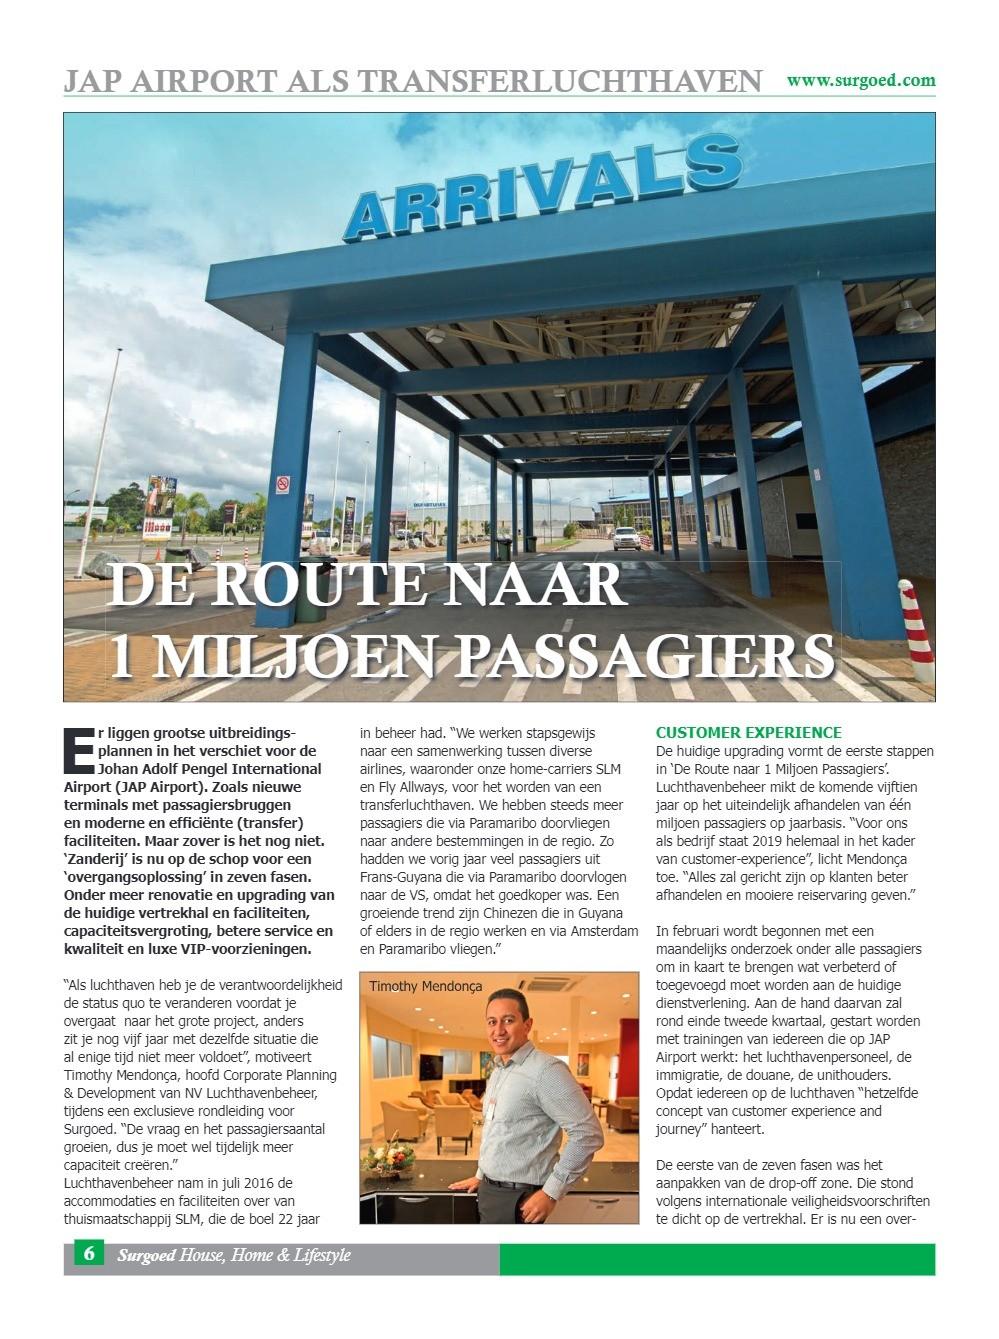 De route naar 1 miljoen passagiers